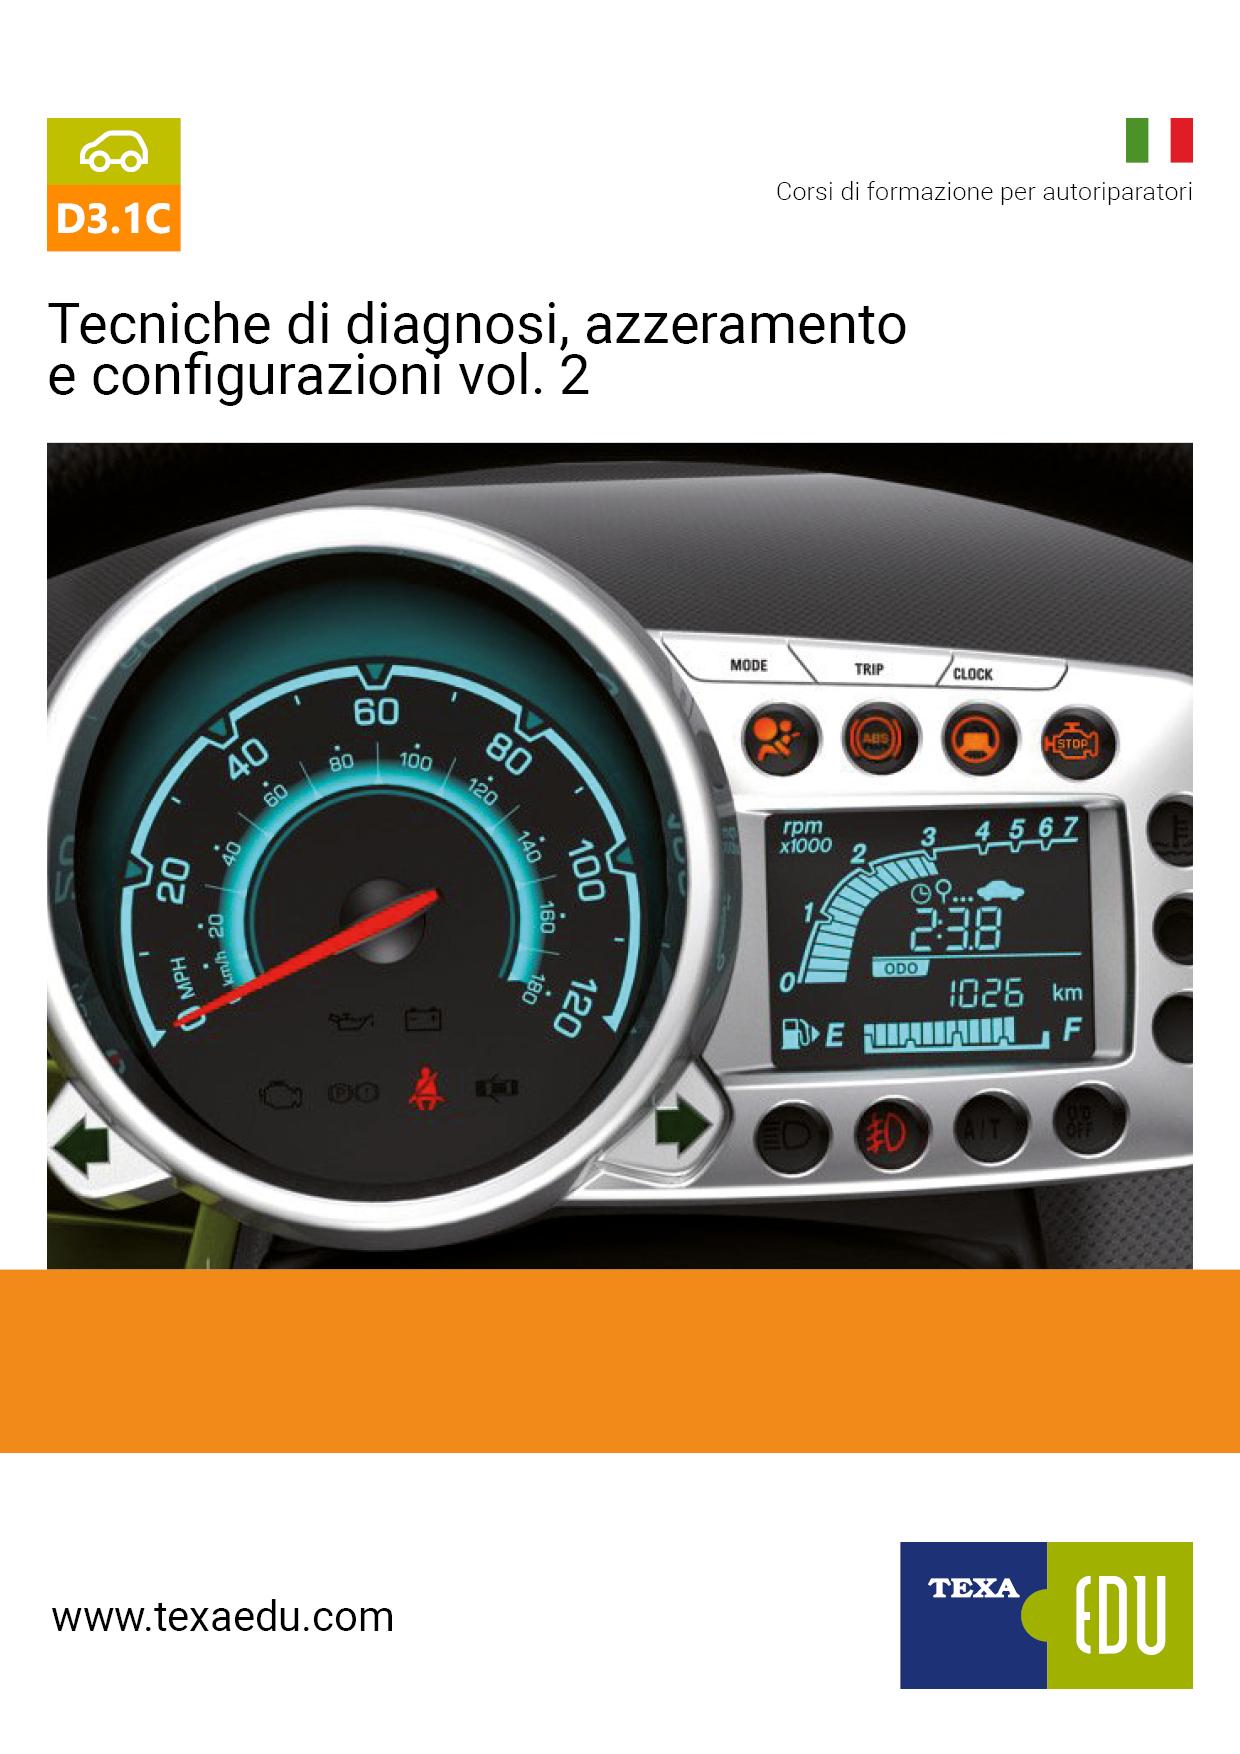 D3.1C: TECNICHE DI AZZERAMENTO E CONFIGURAZIONE VOL.2